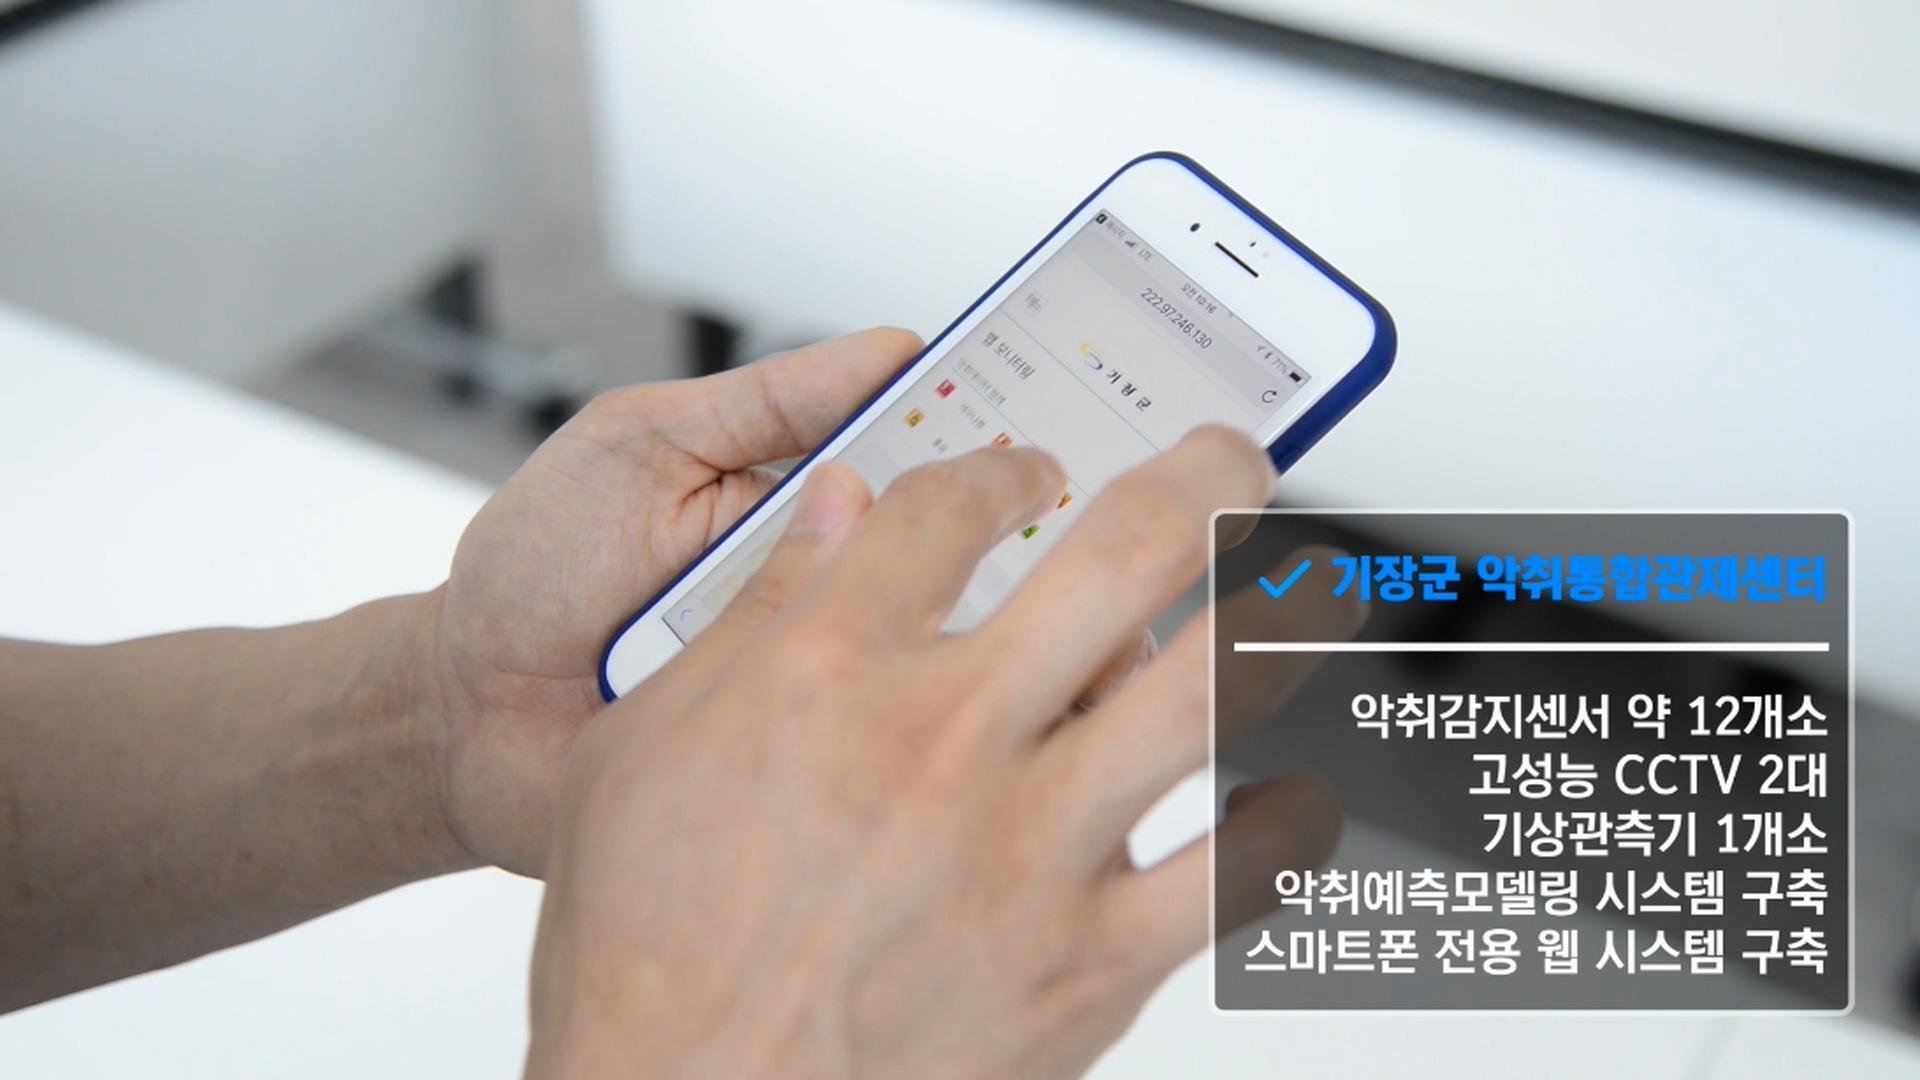 기장군악취통합관제센터.mp4_20180607_143811.330.jpg